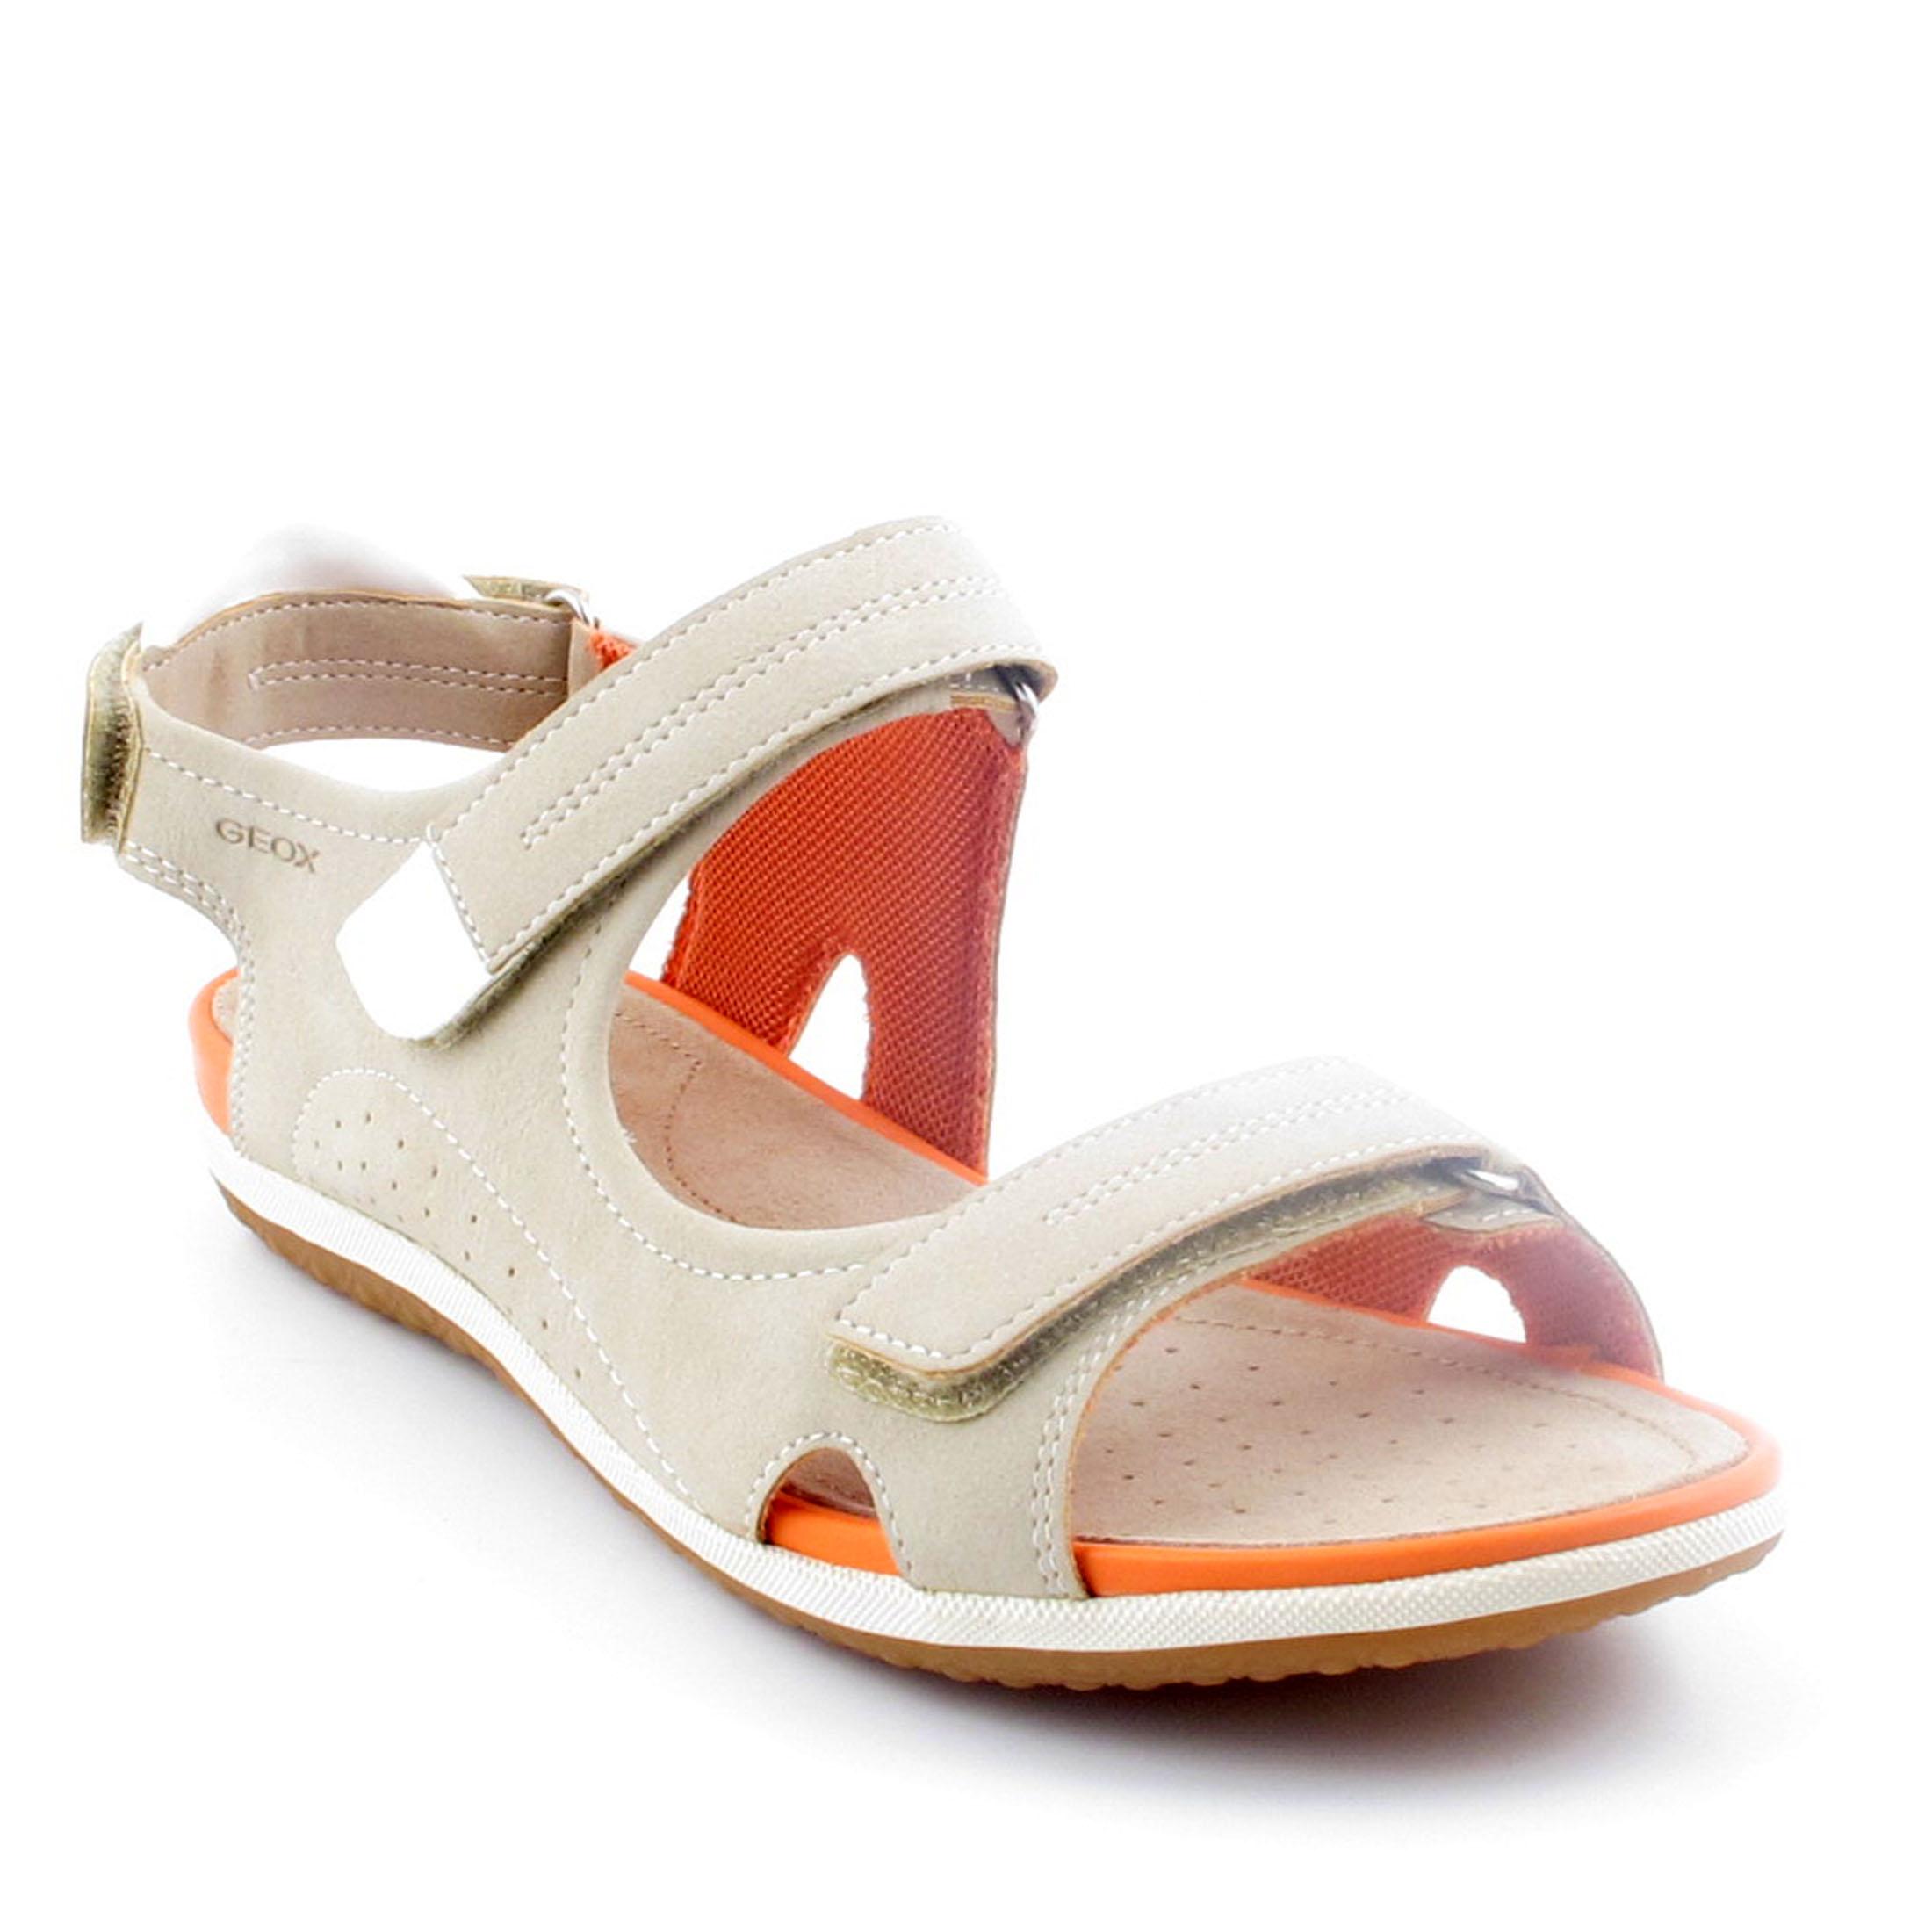 09399ac776477 GEOX VEGA D52R6A beżowe sandały PSZCZYNA r 41 7209223671 - Allegro.pl